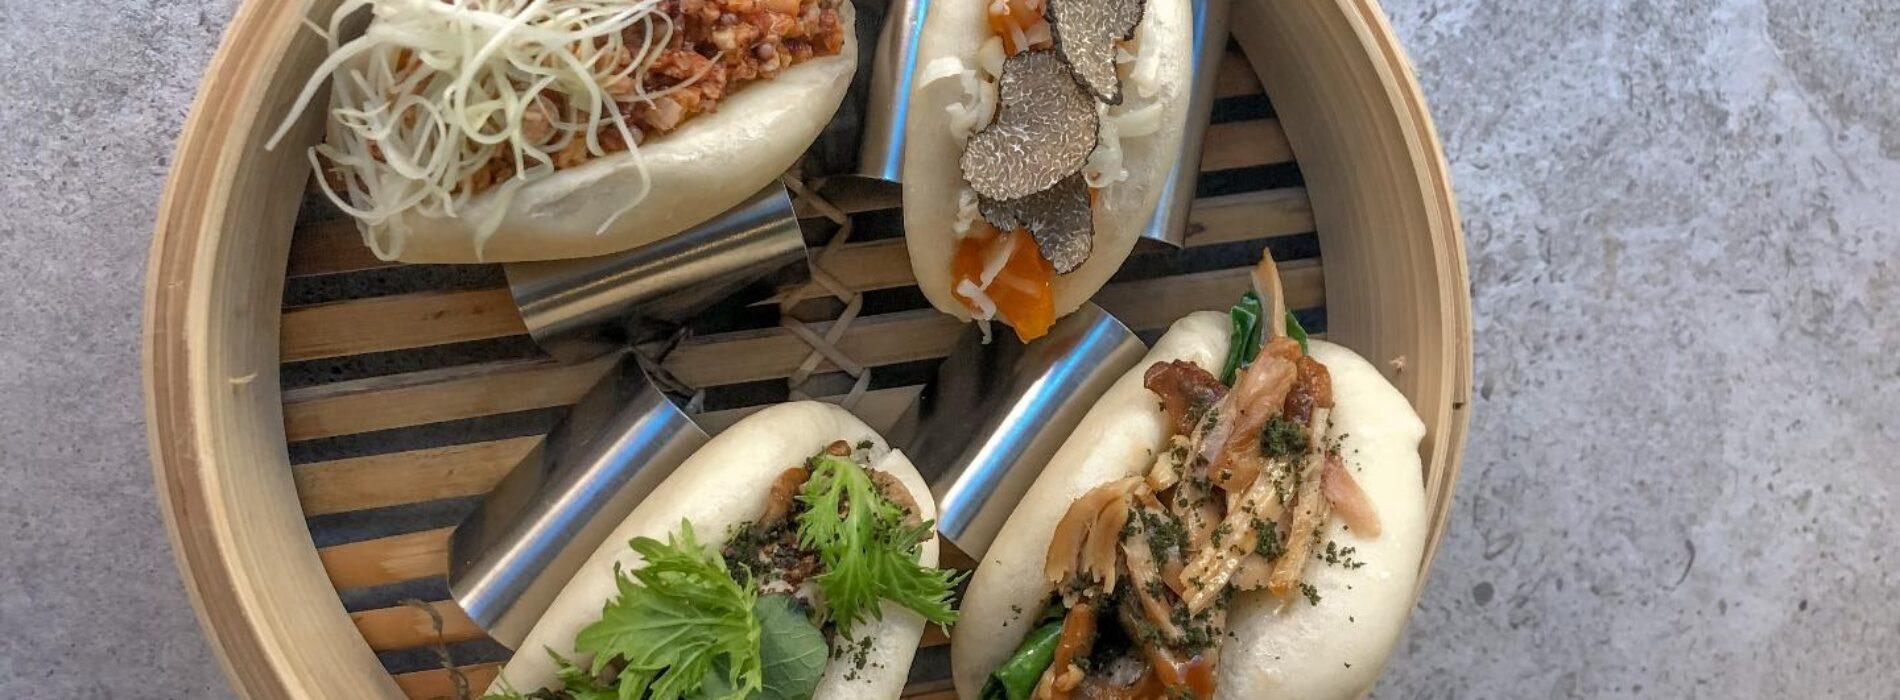 Roots Roma e le Bao Box per il delivery: i piatti del menu diventano bao fritti e ripieni